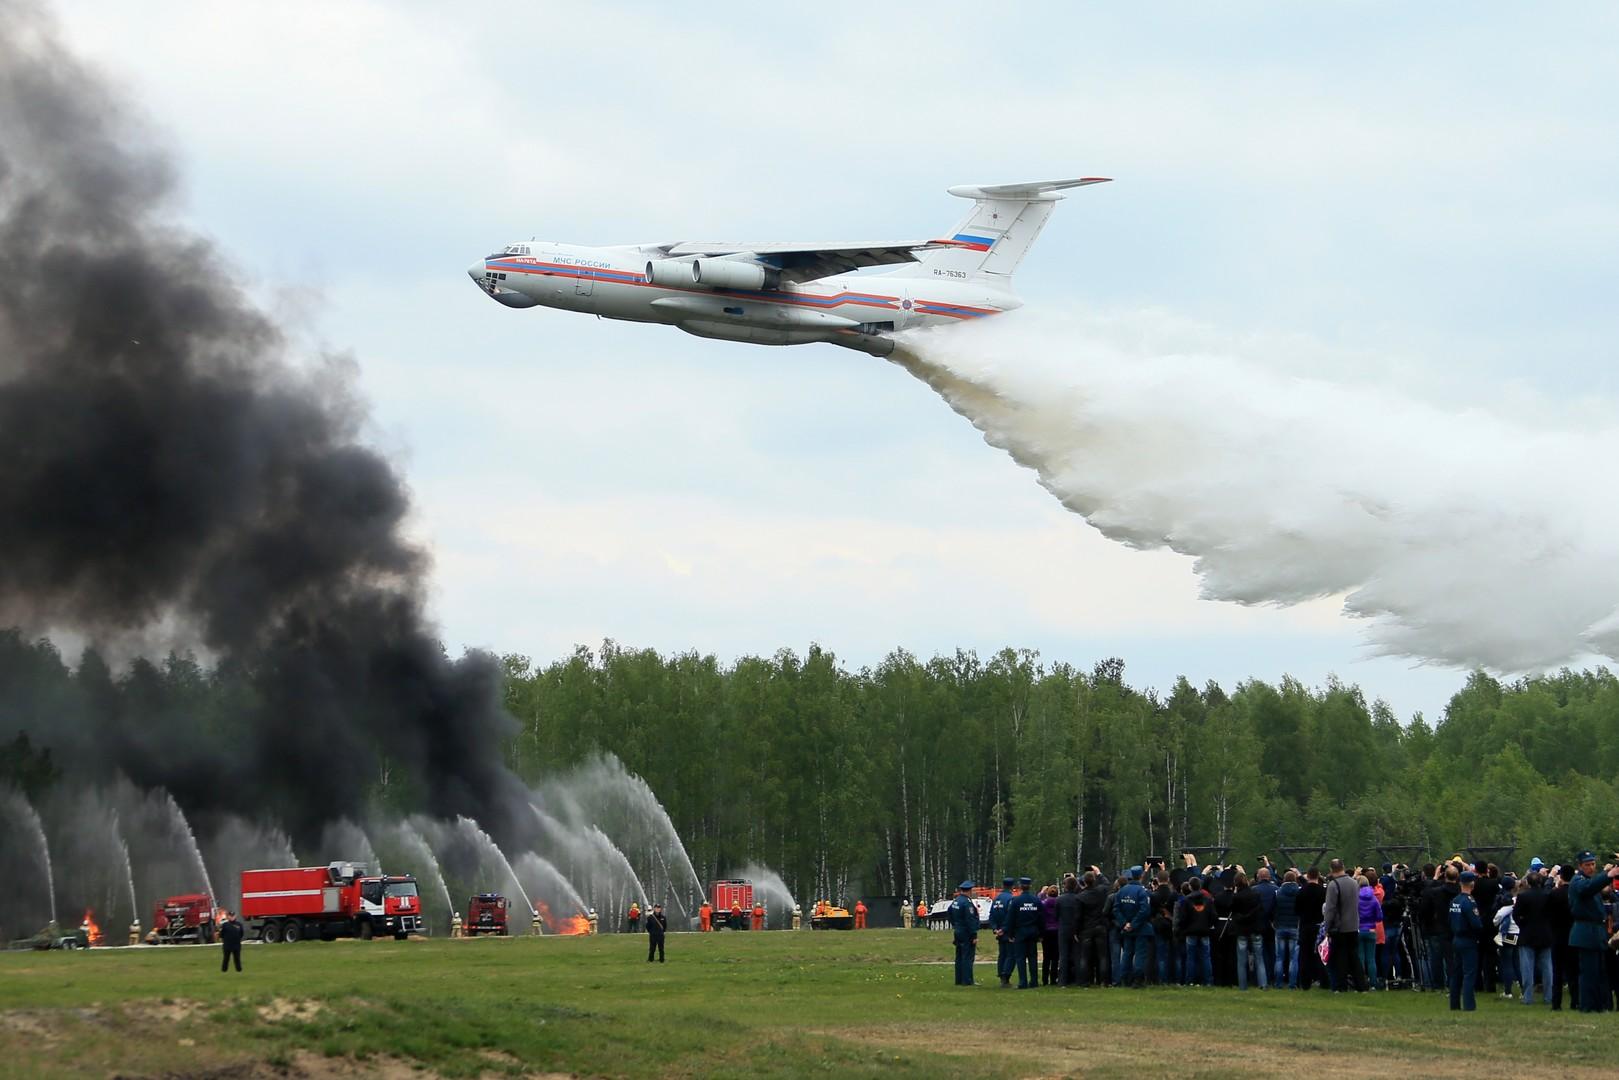 Самолет Ил-76Д на демонстрационных учениях в рамках открытия Международного салона «Комплексная безопасность-2016» в Ногинске.